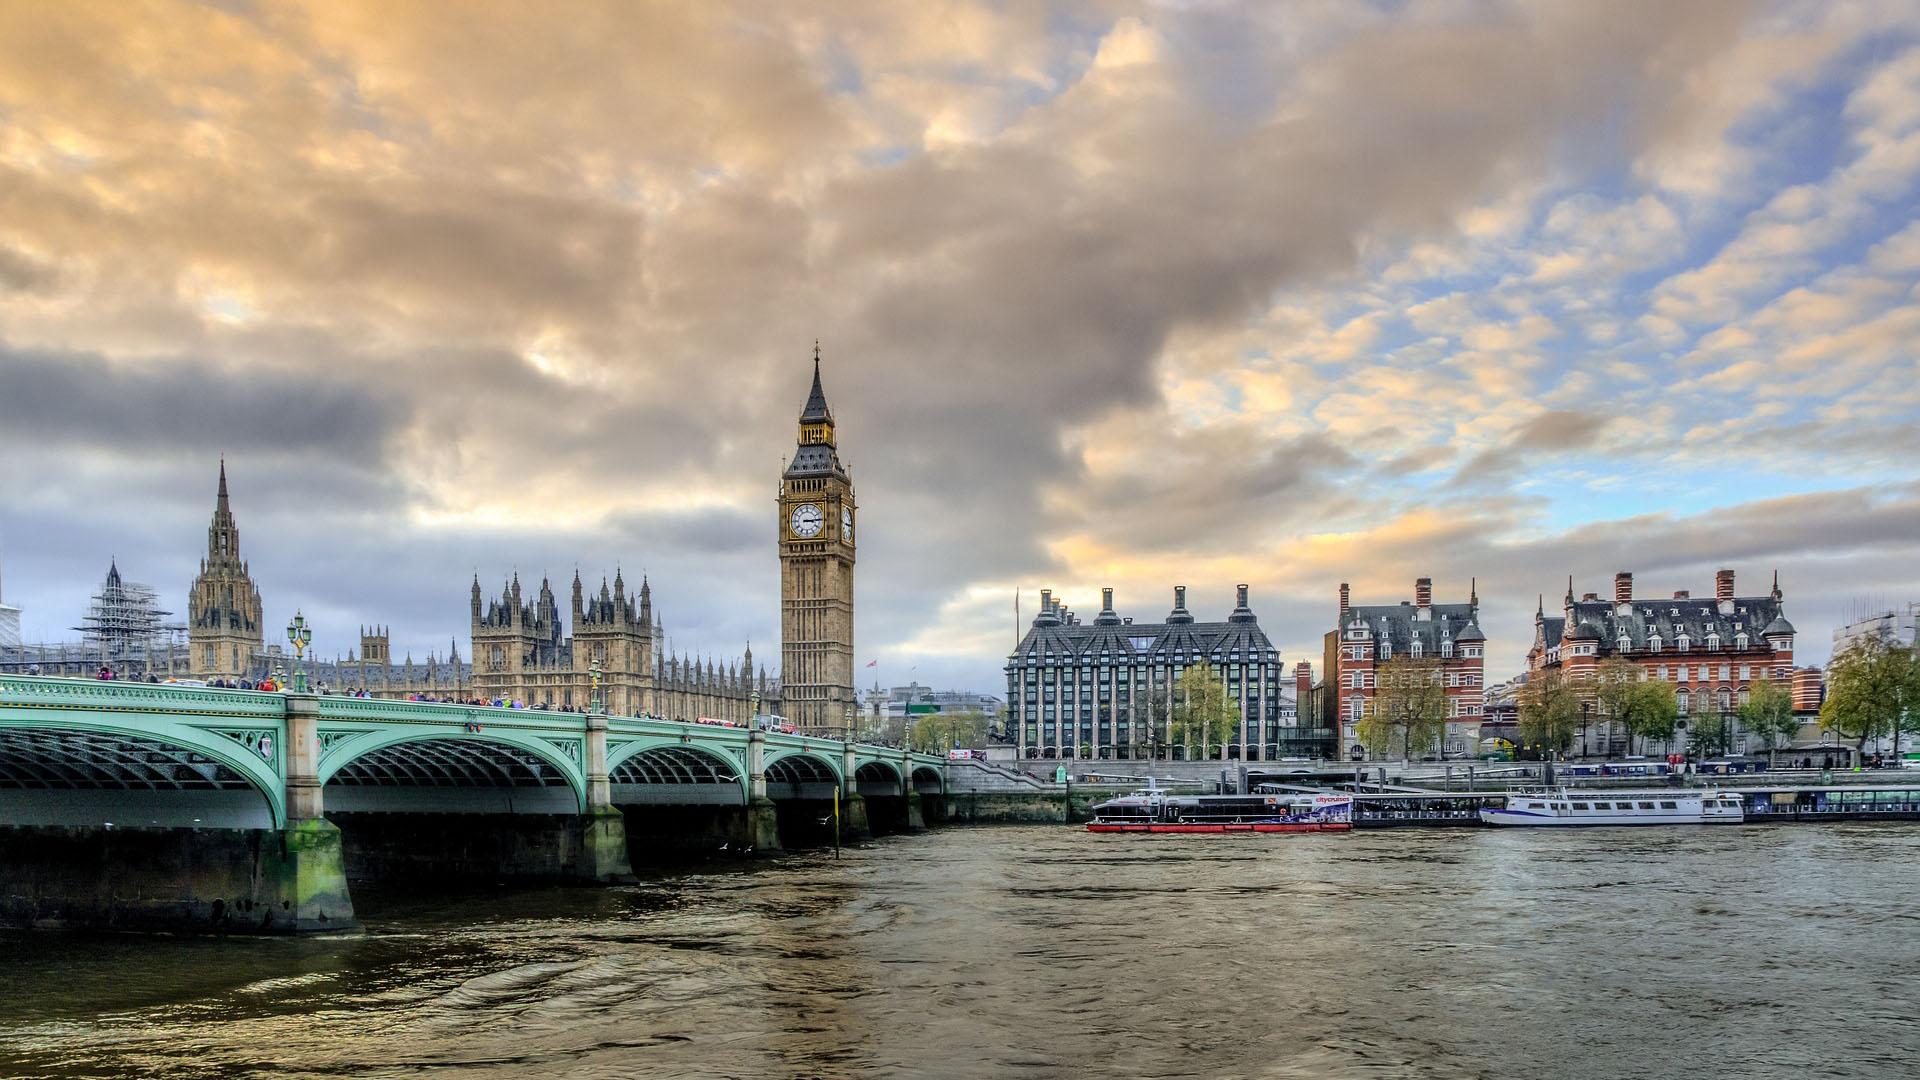 בדרך ללונדון עוצרים באוסלו: איך זה להיות מעצבת בבריטניה?